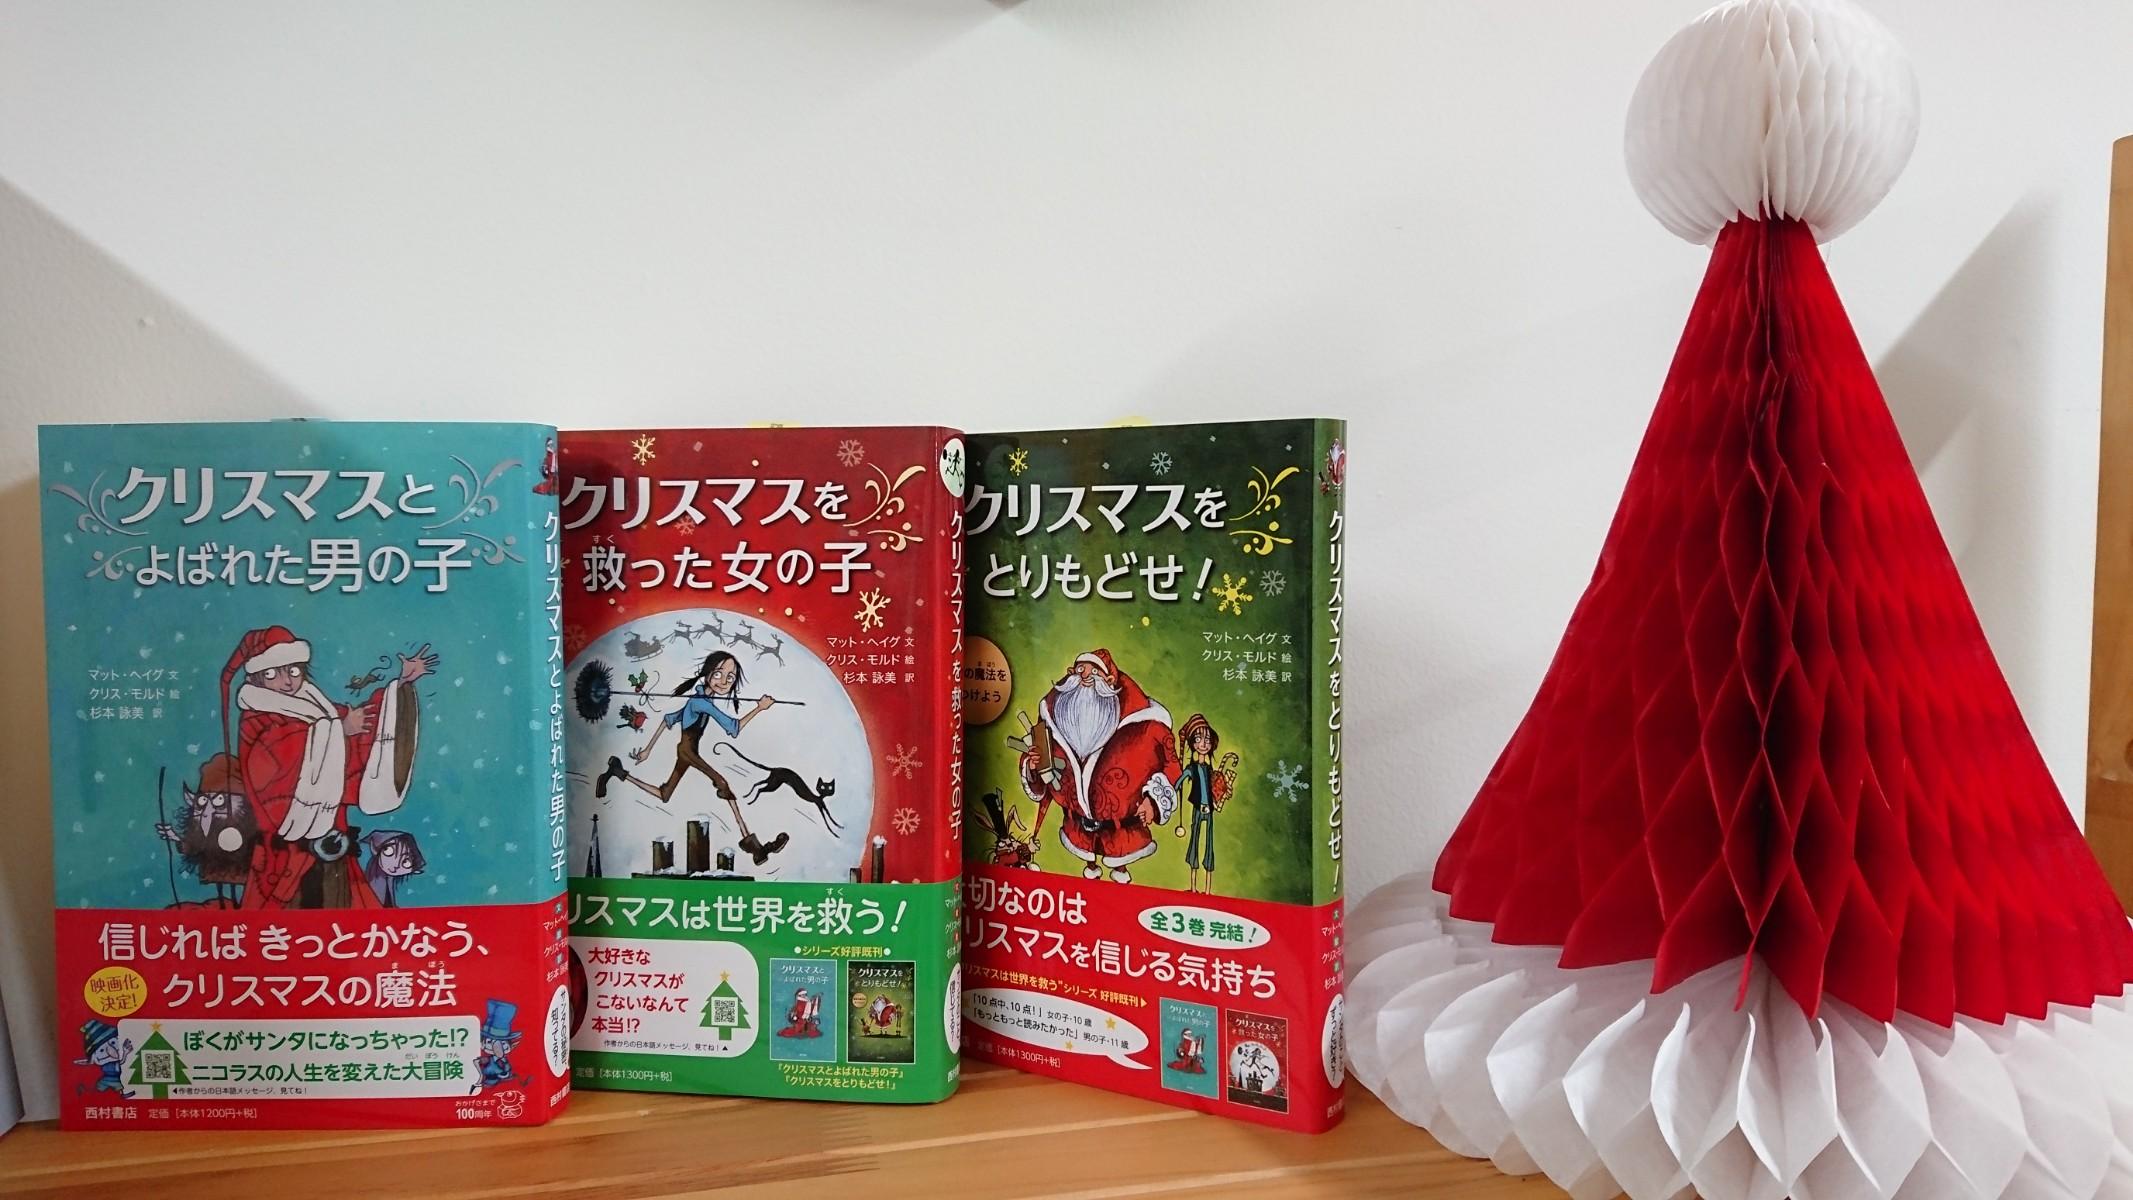 「クリスマスは世界を救う」シリーズ全3巻ディスプレイ写真